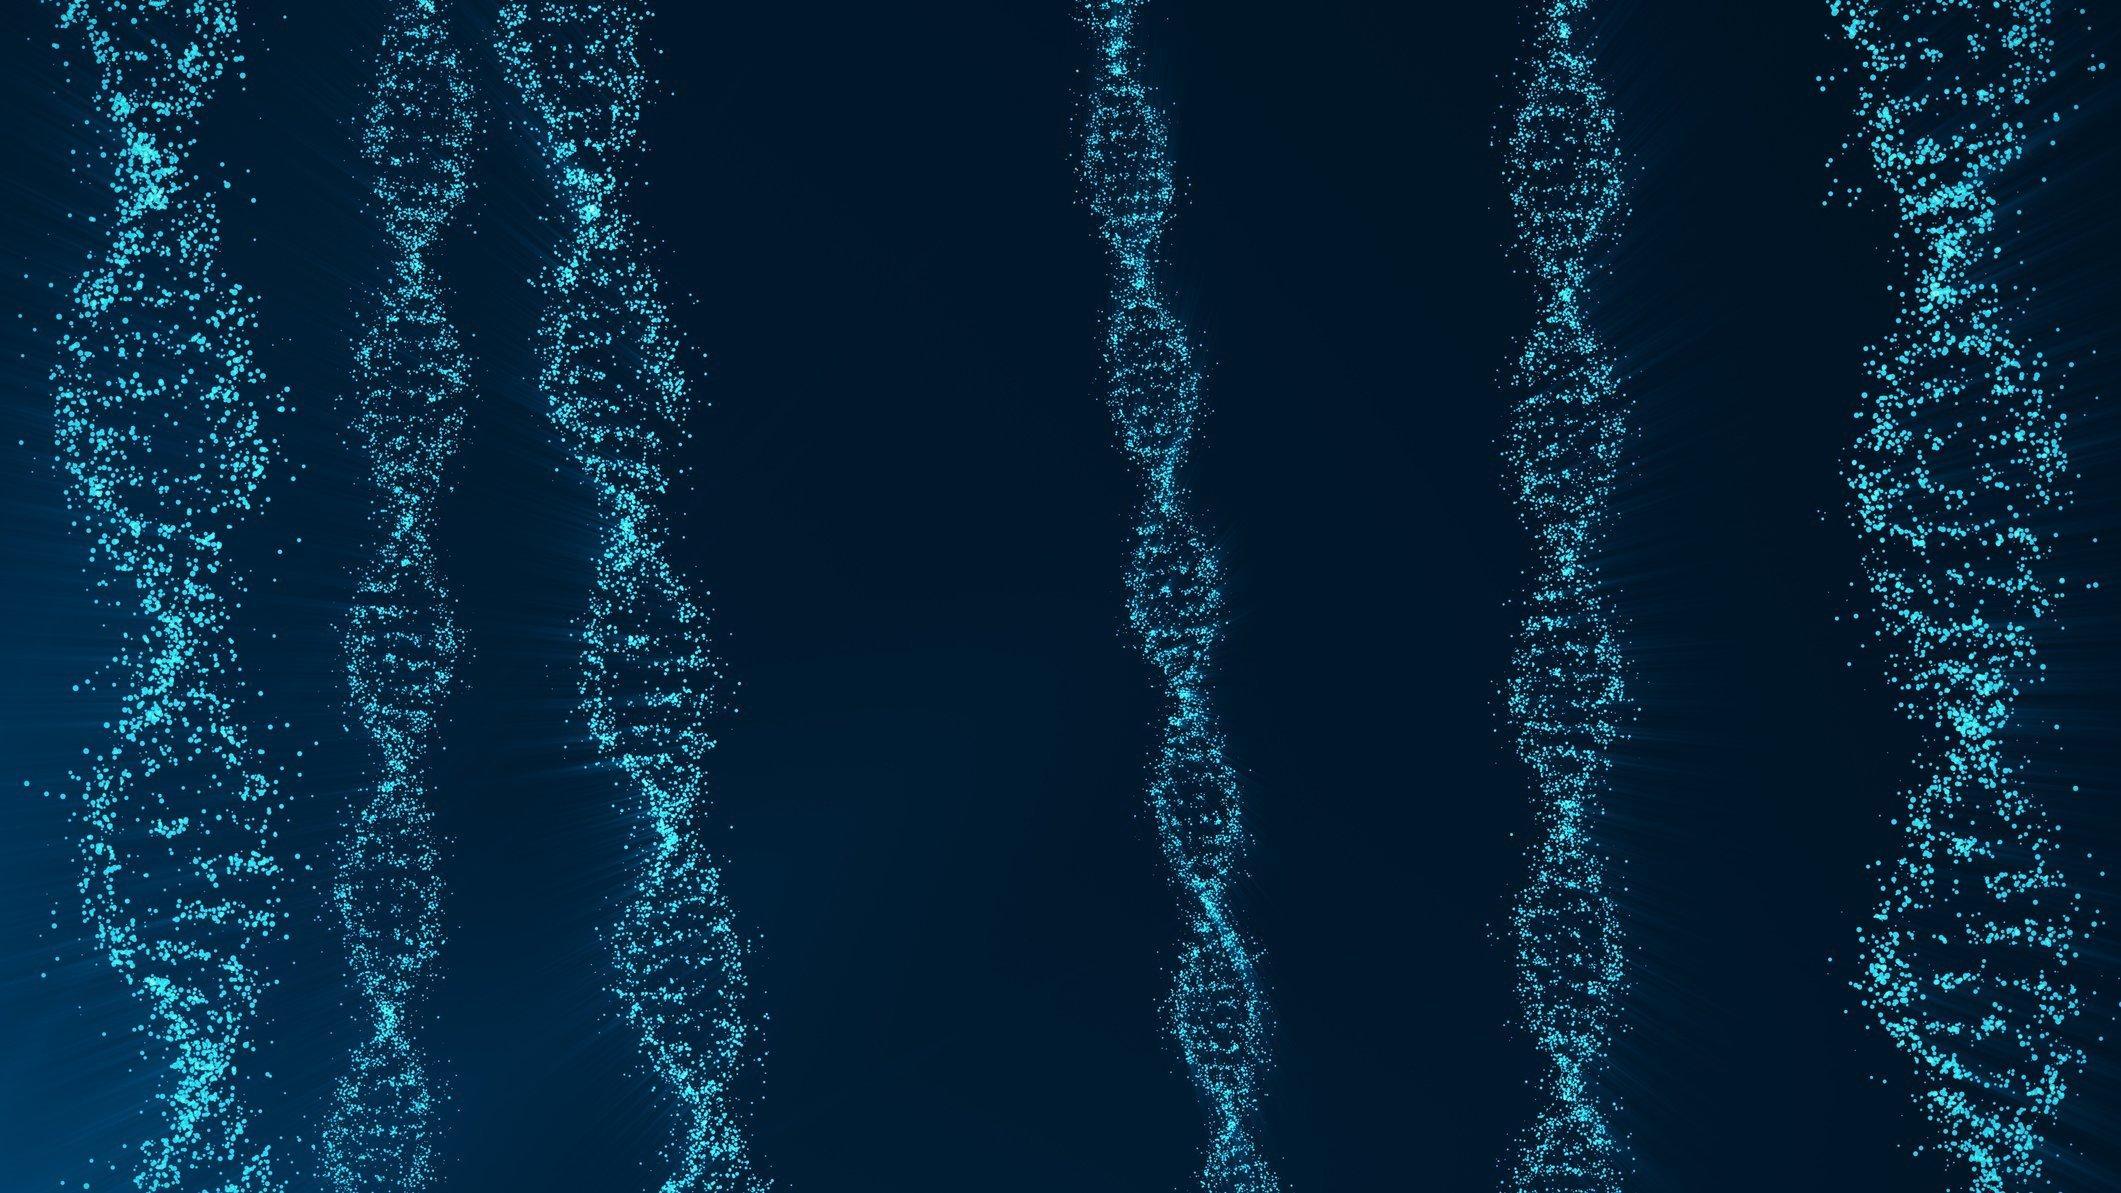 Symbolbild  zeigt mehrere blau eingefärbte DNA-Stränge